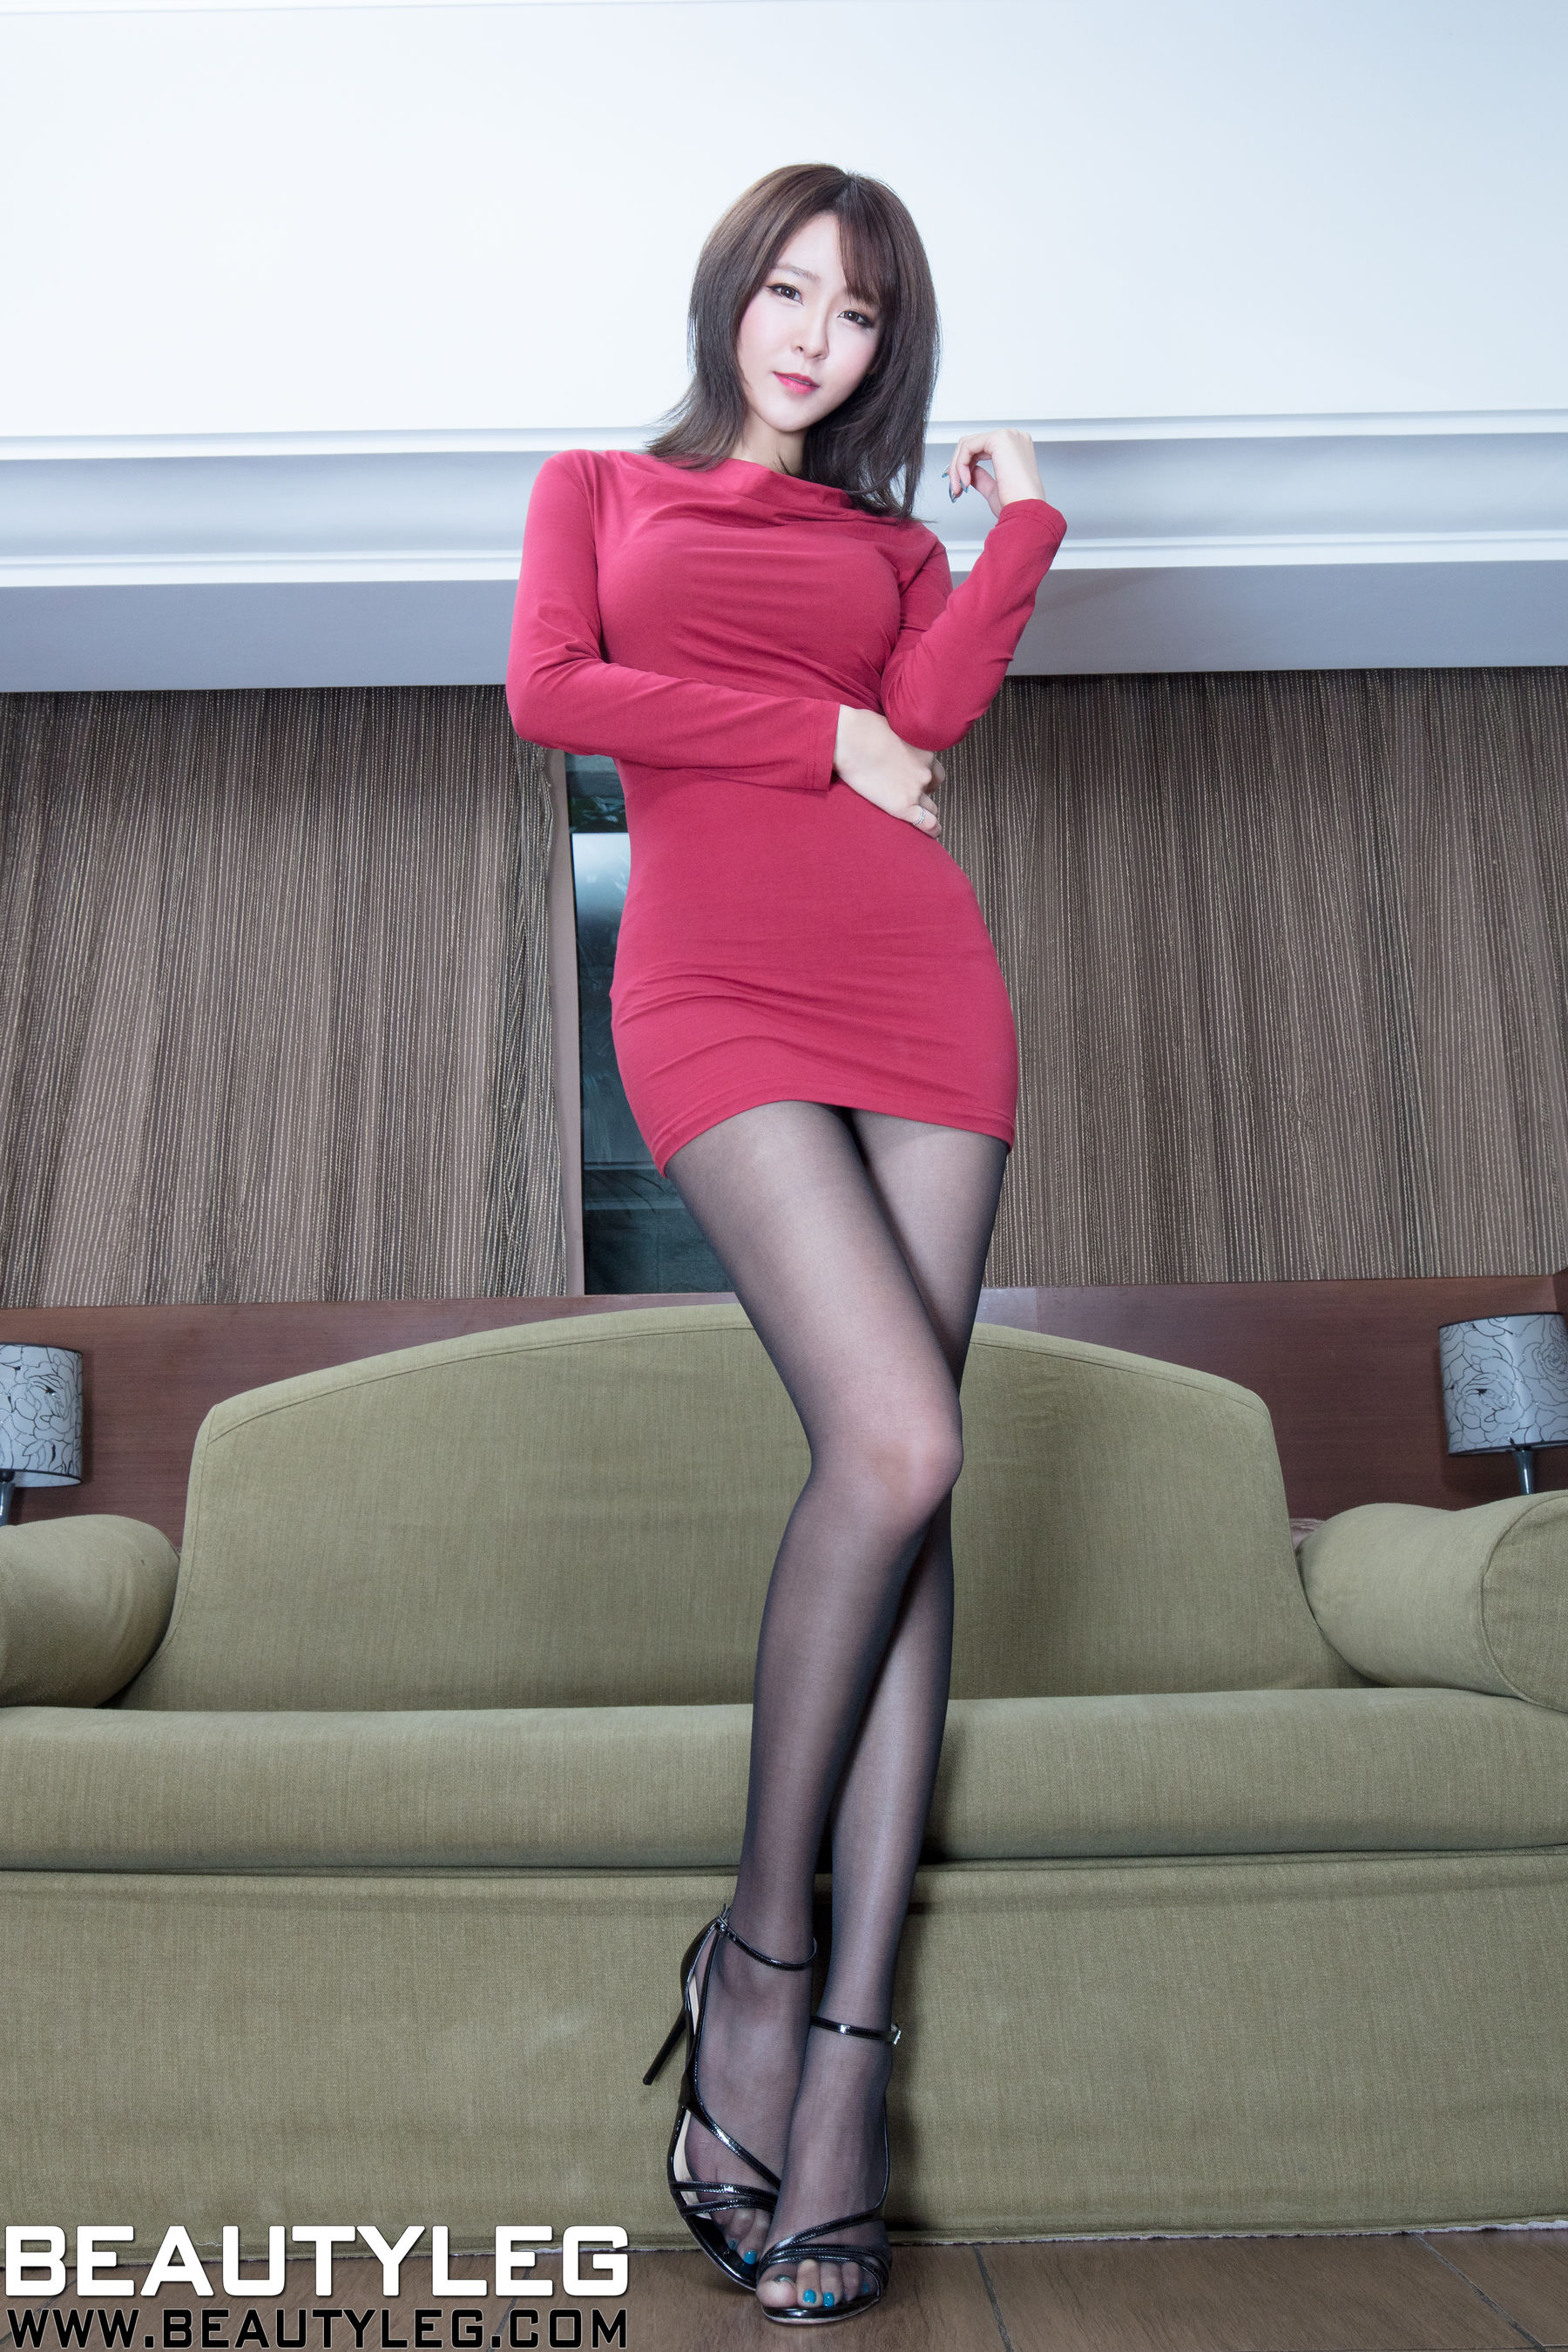 VOL.1622 [Beautyleg]旗袍优雅美女长腿美女:Winnie小雪(庄咏惠,庄温妮,腿模Winnie)超高清个人性感漂亮大图(45P)